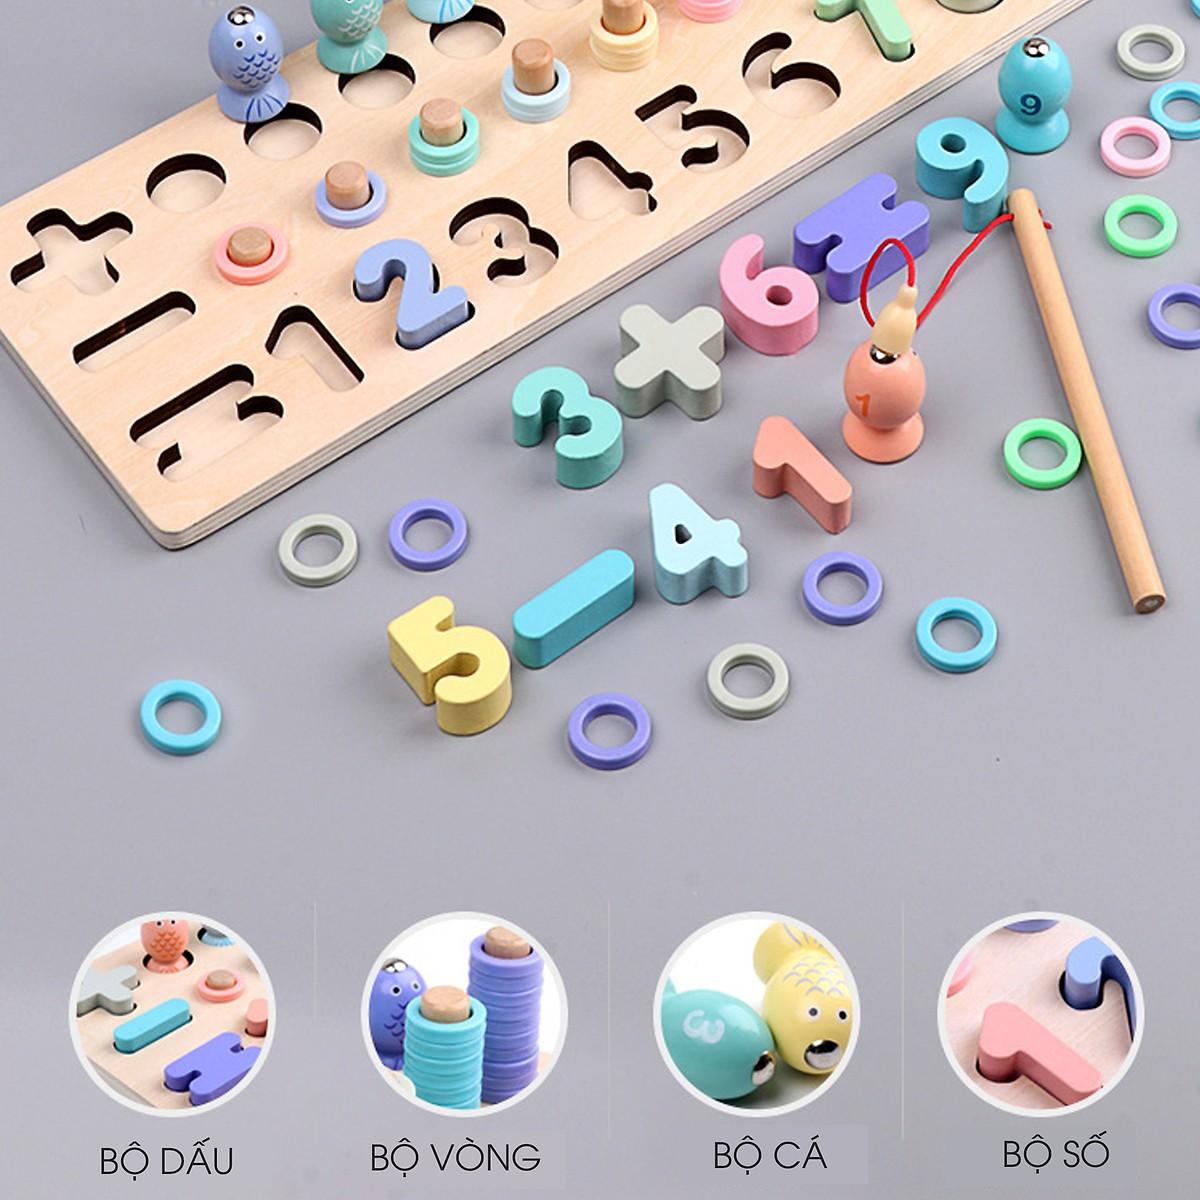 Đồ chơigiáo dục cho bé, Bảng lắp ghép số - hình trí tuệ kết hợp câu cá MK